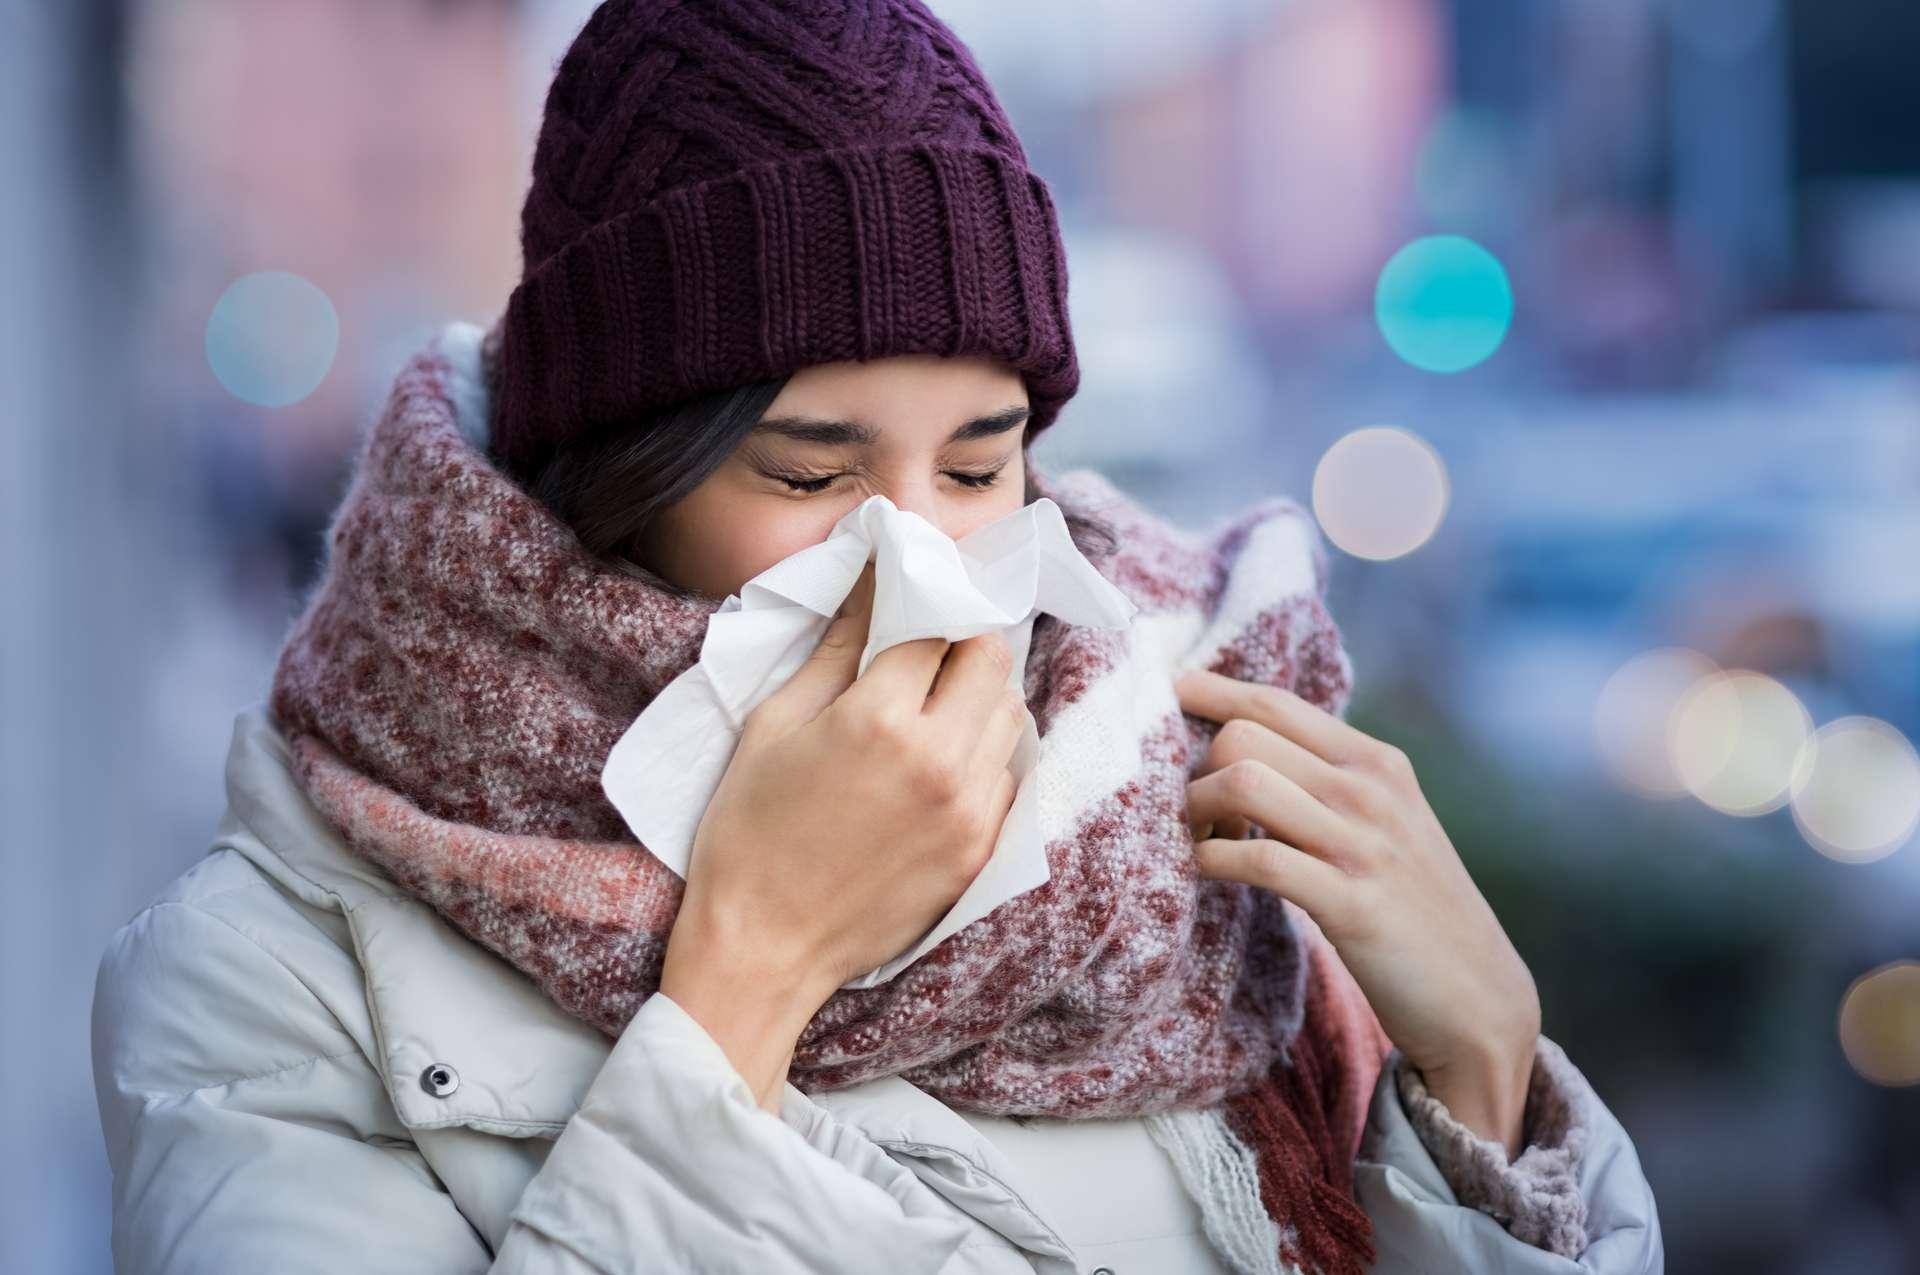 Chaque année, la grippe saisonnière touche deux à six millions de personnes en France et entraîne 8.000 à 10.000 décès. © Rido, Adobe Stock